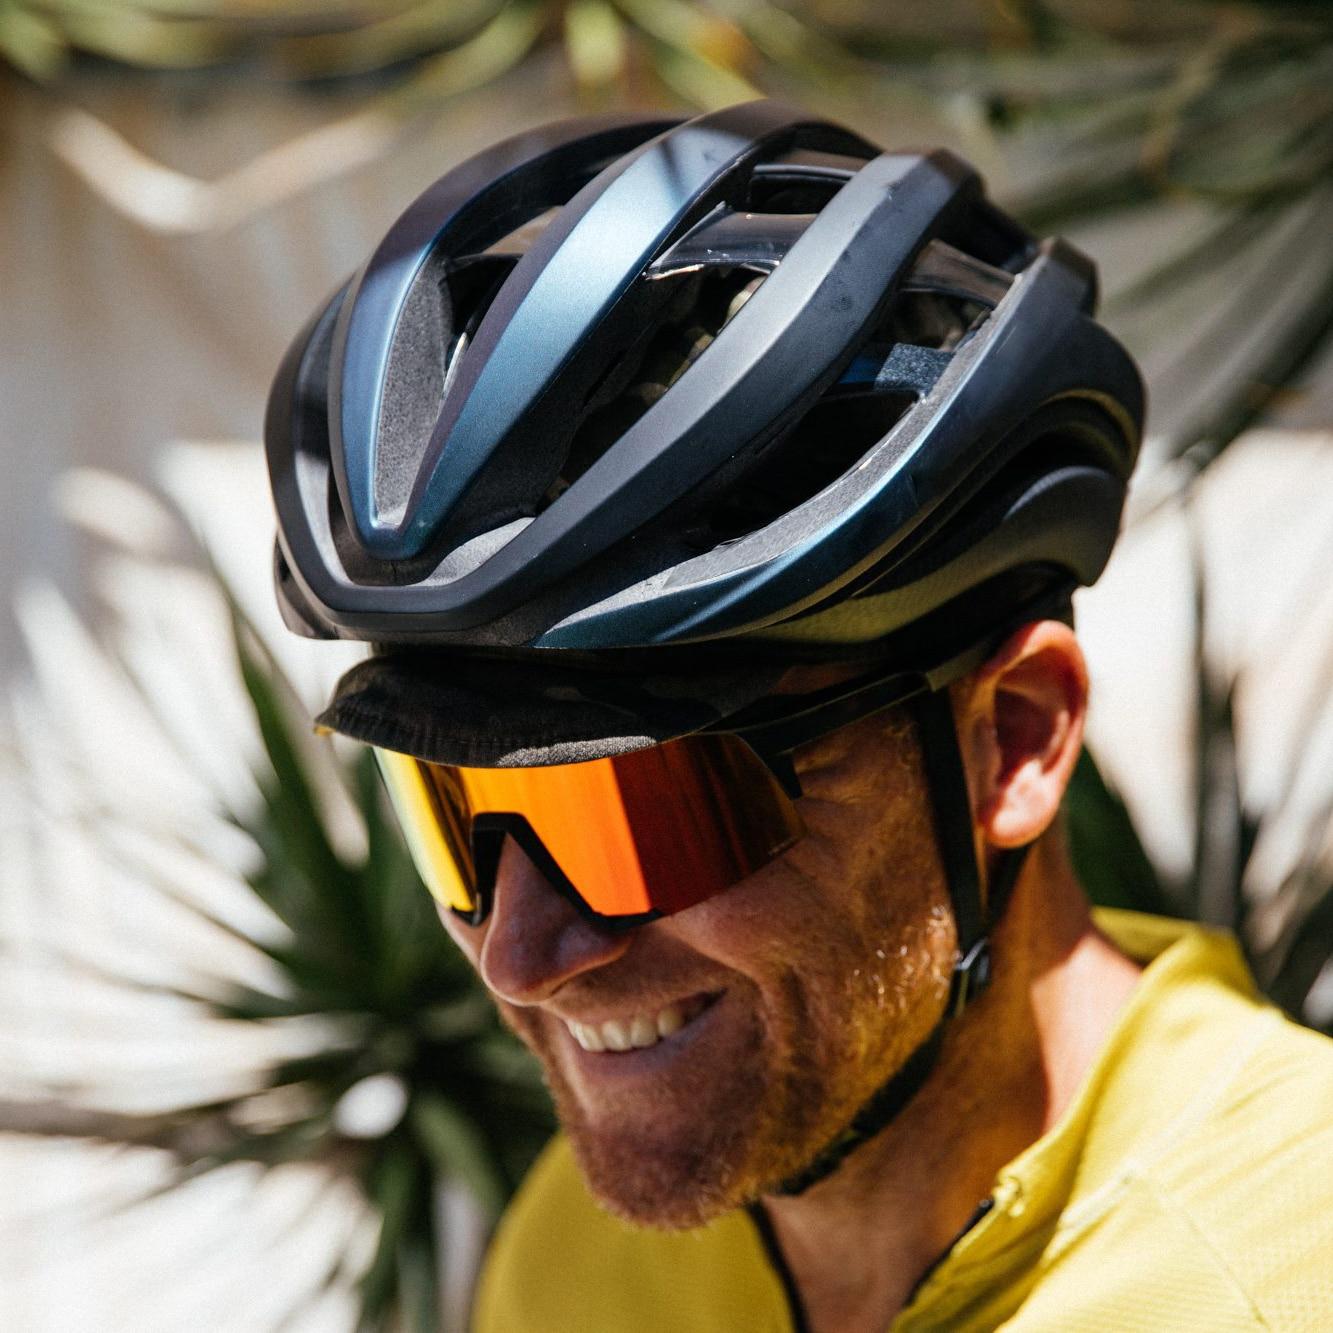 2020 шлем для езды на велосипеде, для езды на велосипеде, для гонок, для шоссейного велосипеда, для аэродинамики, мужской шлем для спорта, аэро